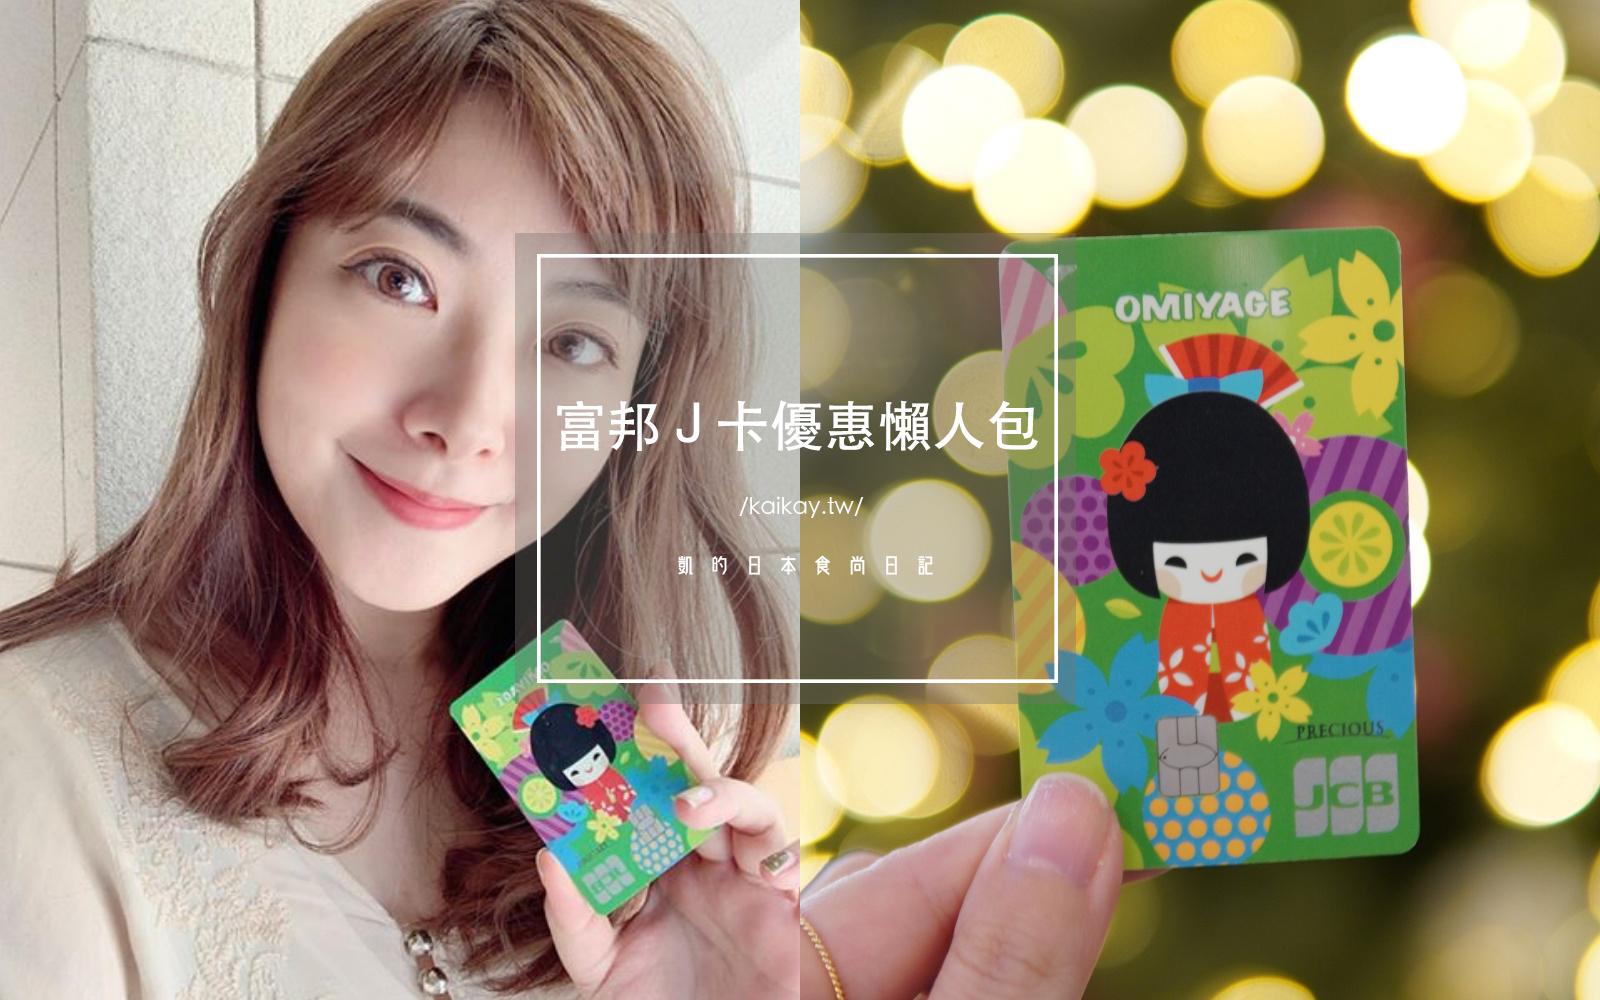 ☆【信用卡】日本旅遊一卡搞定!最新愛卡:富邦J卡-日韓3.3%現金回饋 @凱的日本食尚日記